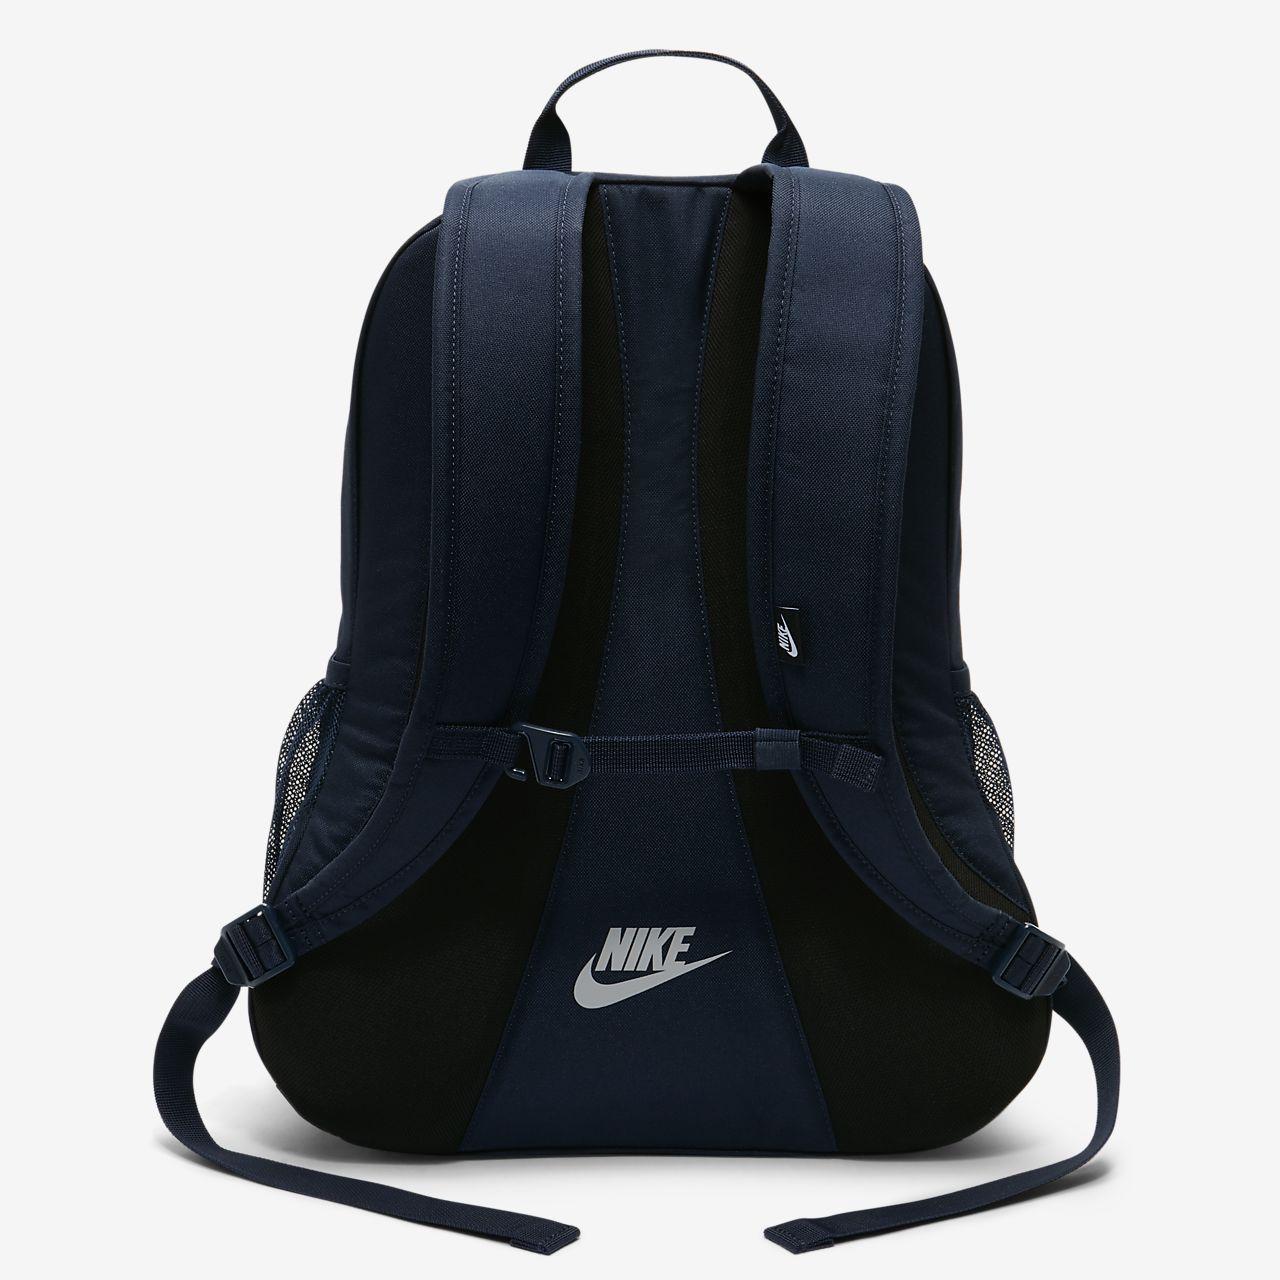 grandes variétés achats sélectionner pour l'original Nike Sportswear Hayward Futura 2.0 Backpack